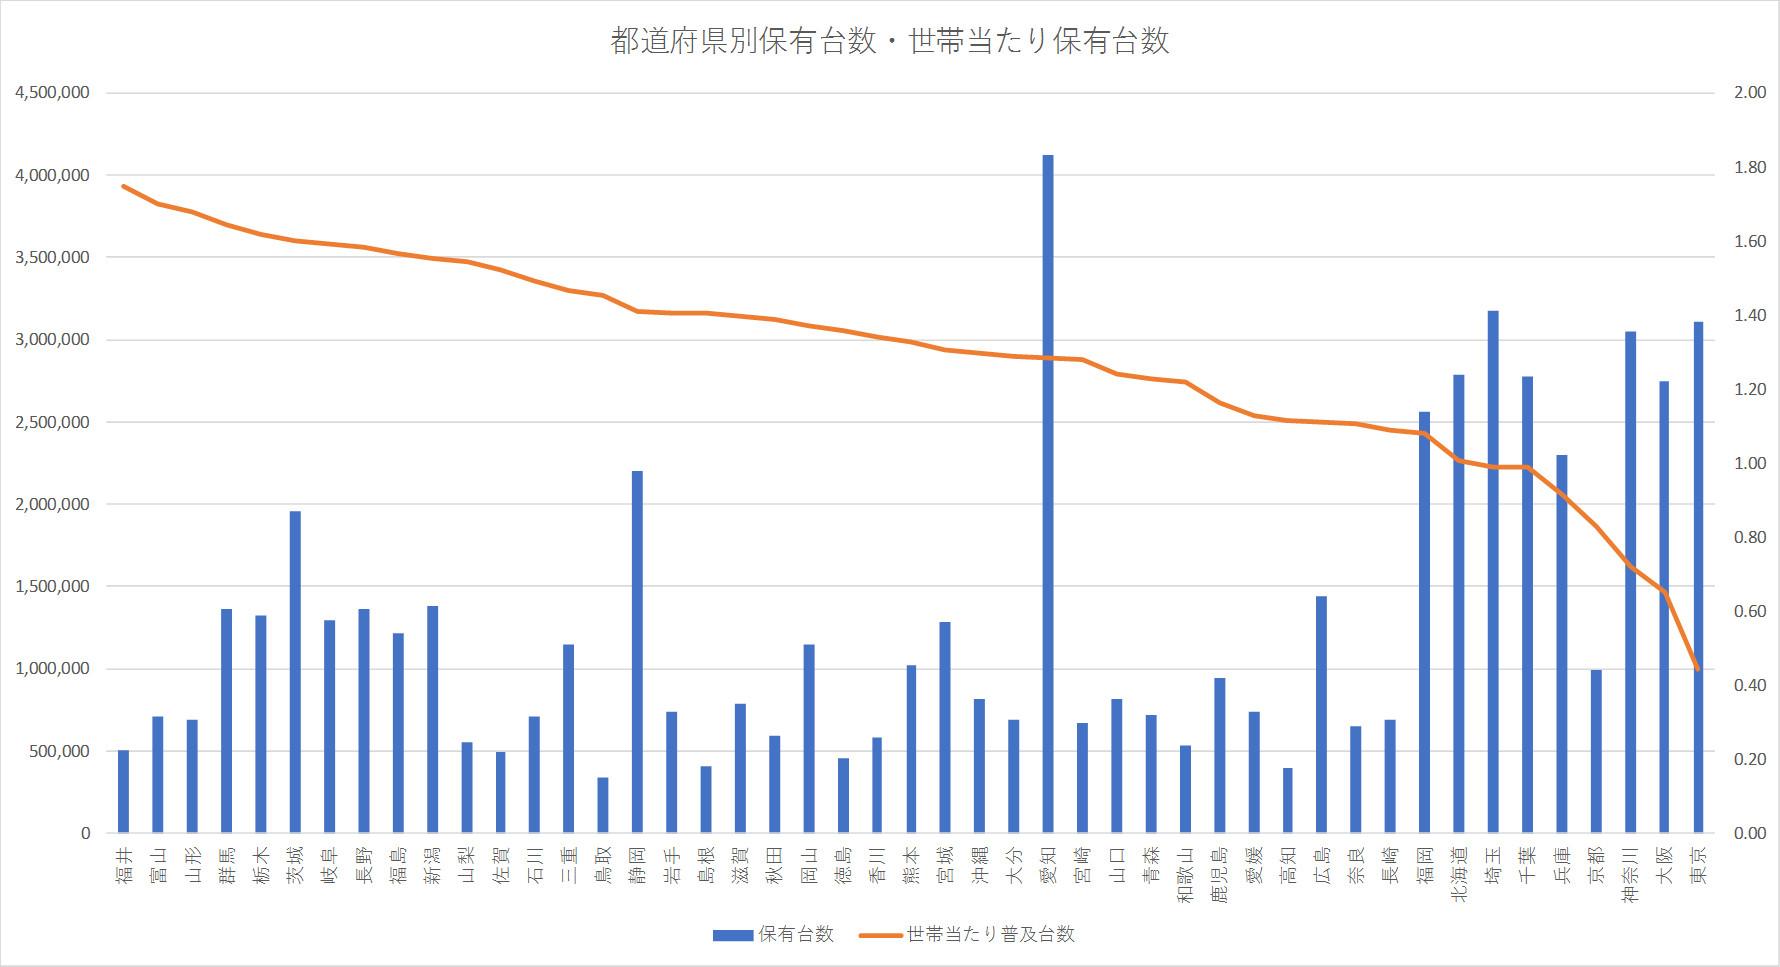 都道府県別保有台数・世帯当たり保有台数